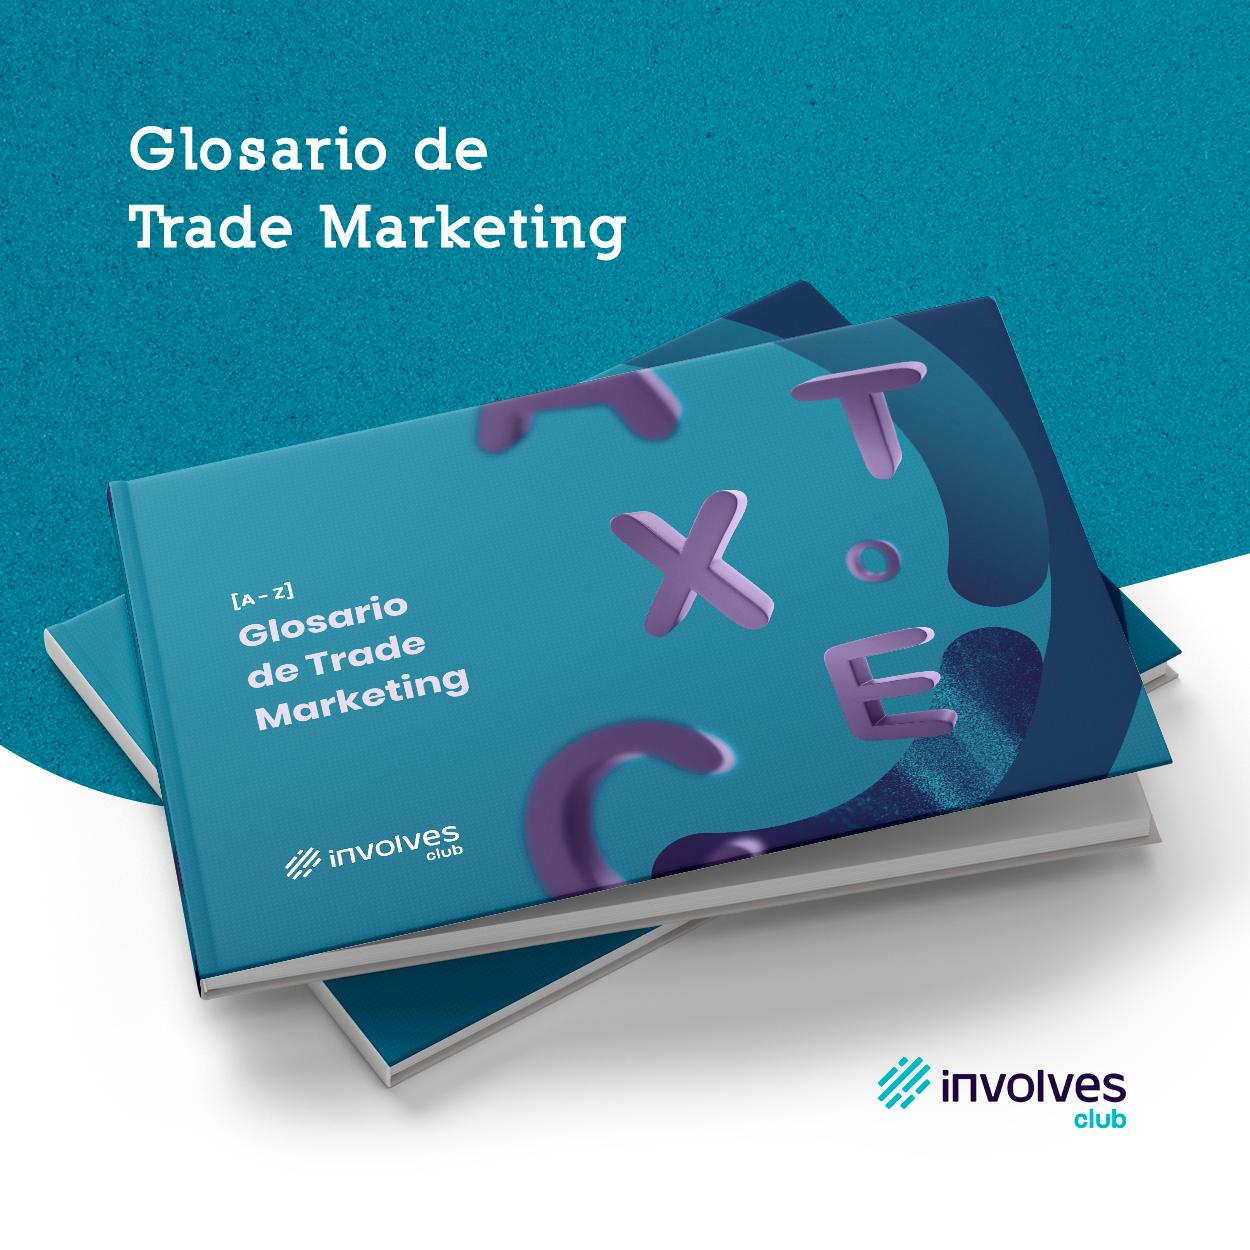 Glosario de Trade Marketing